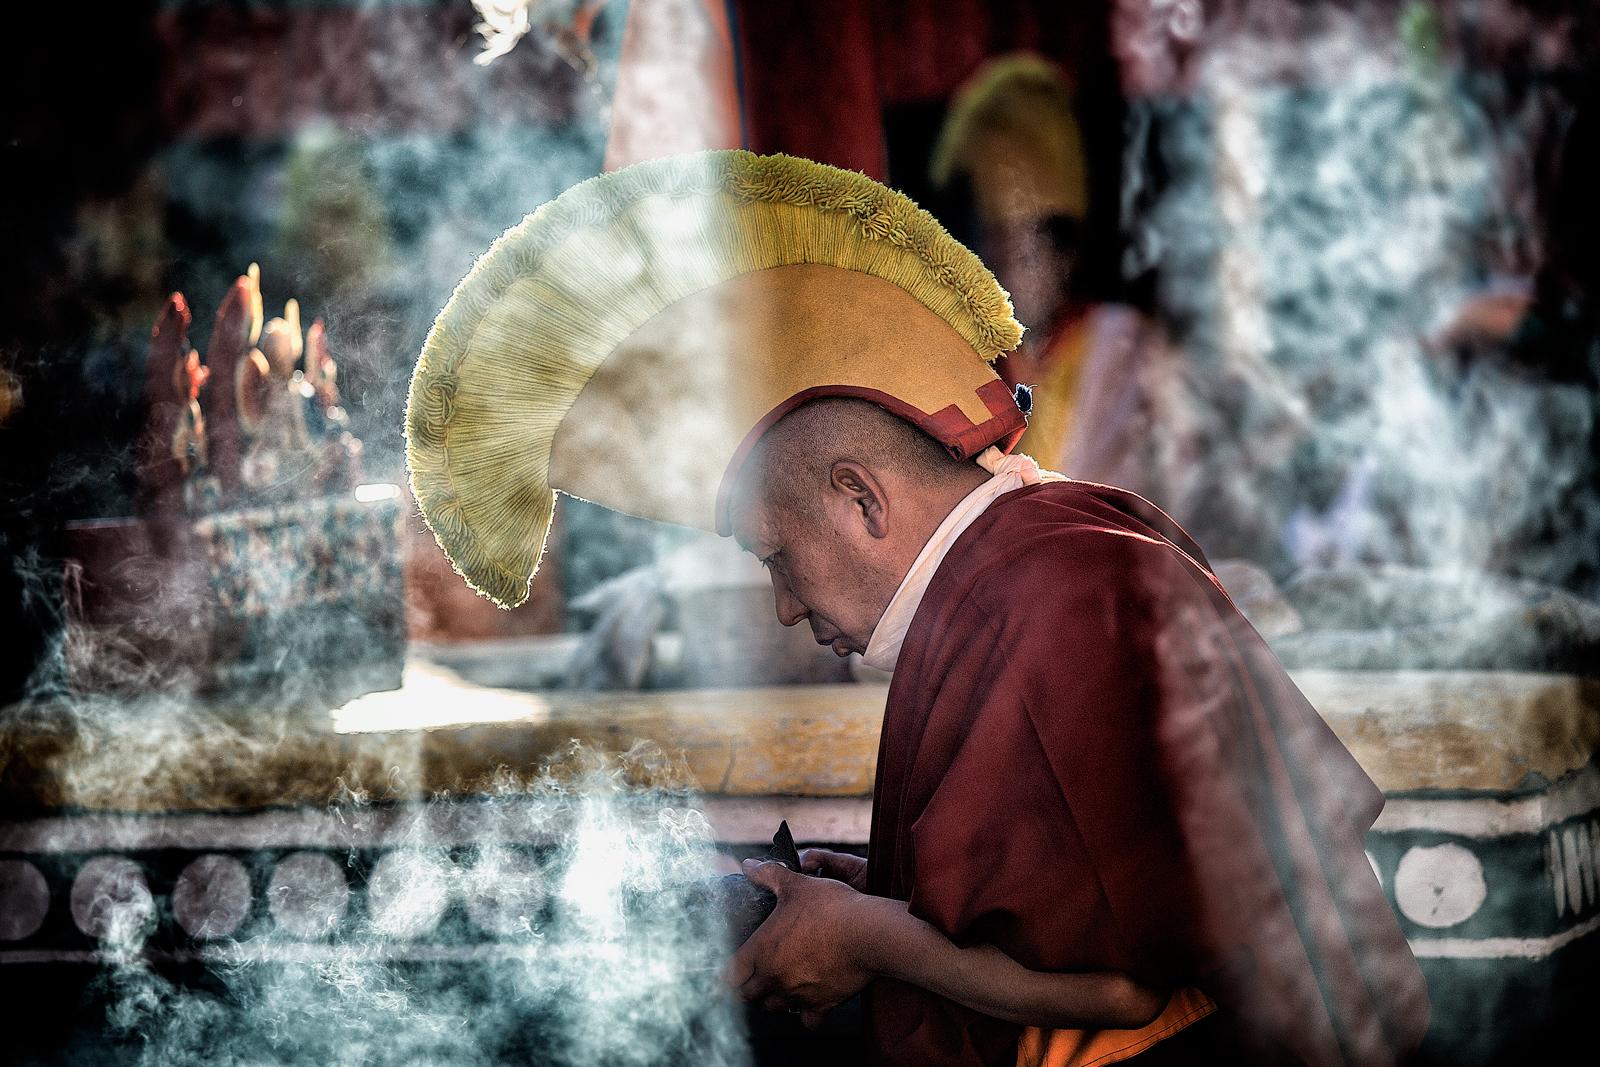 Ритуалът | Author Георги Георгиев - zeromx | PHOTO FORUM